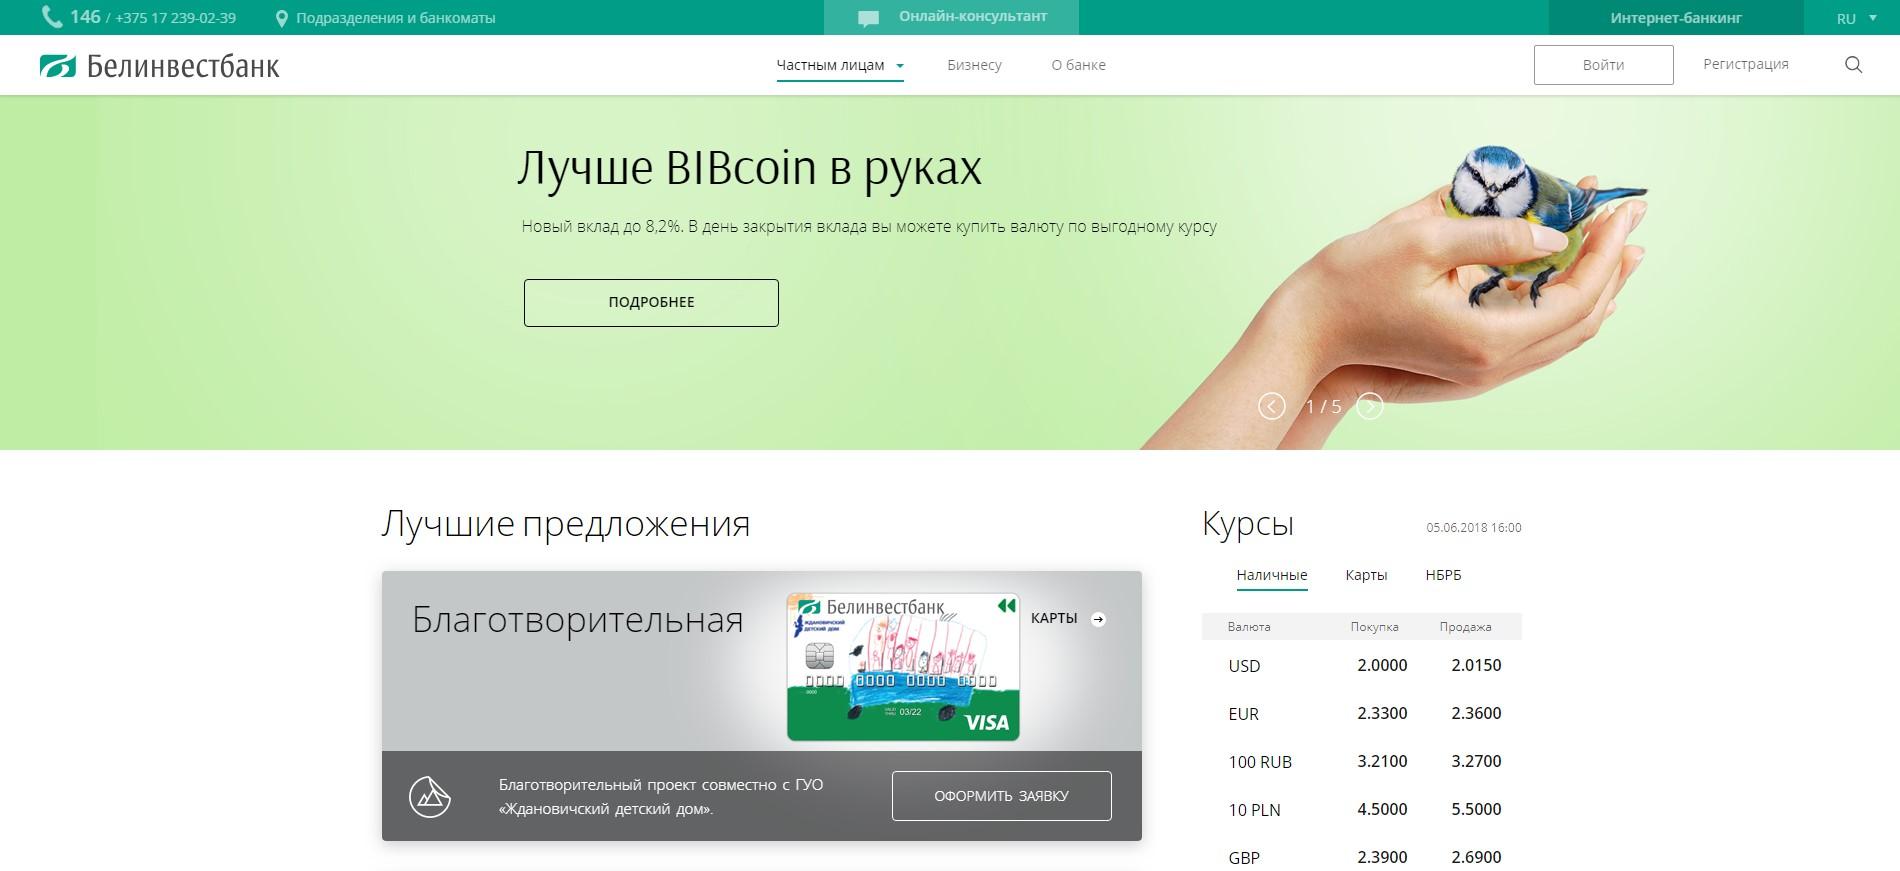 Официальный сайт Белинвестбанка